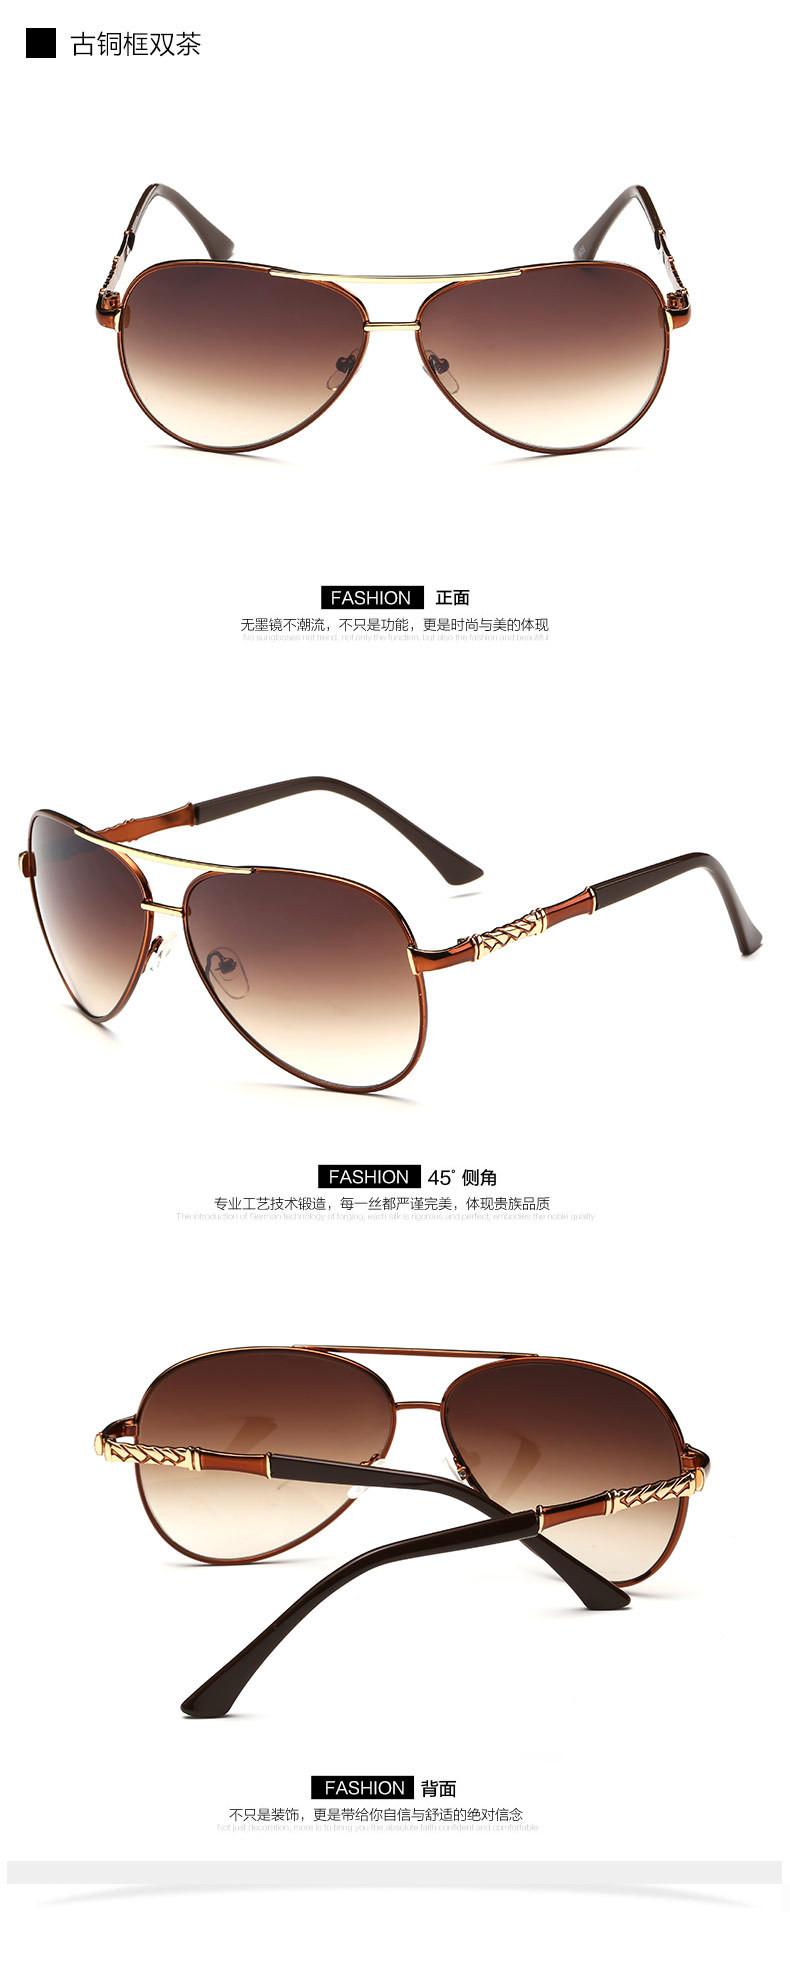 10.os produtos incluem  um óculos de sol (se você precisar de madeira  caixas de óculos, por favor vá a minha loja para comprar) 4f14d58753